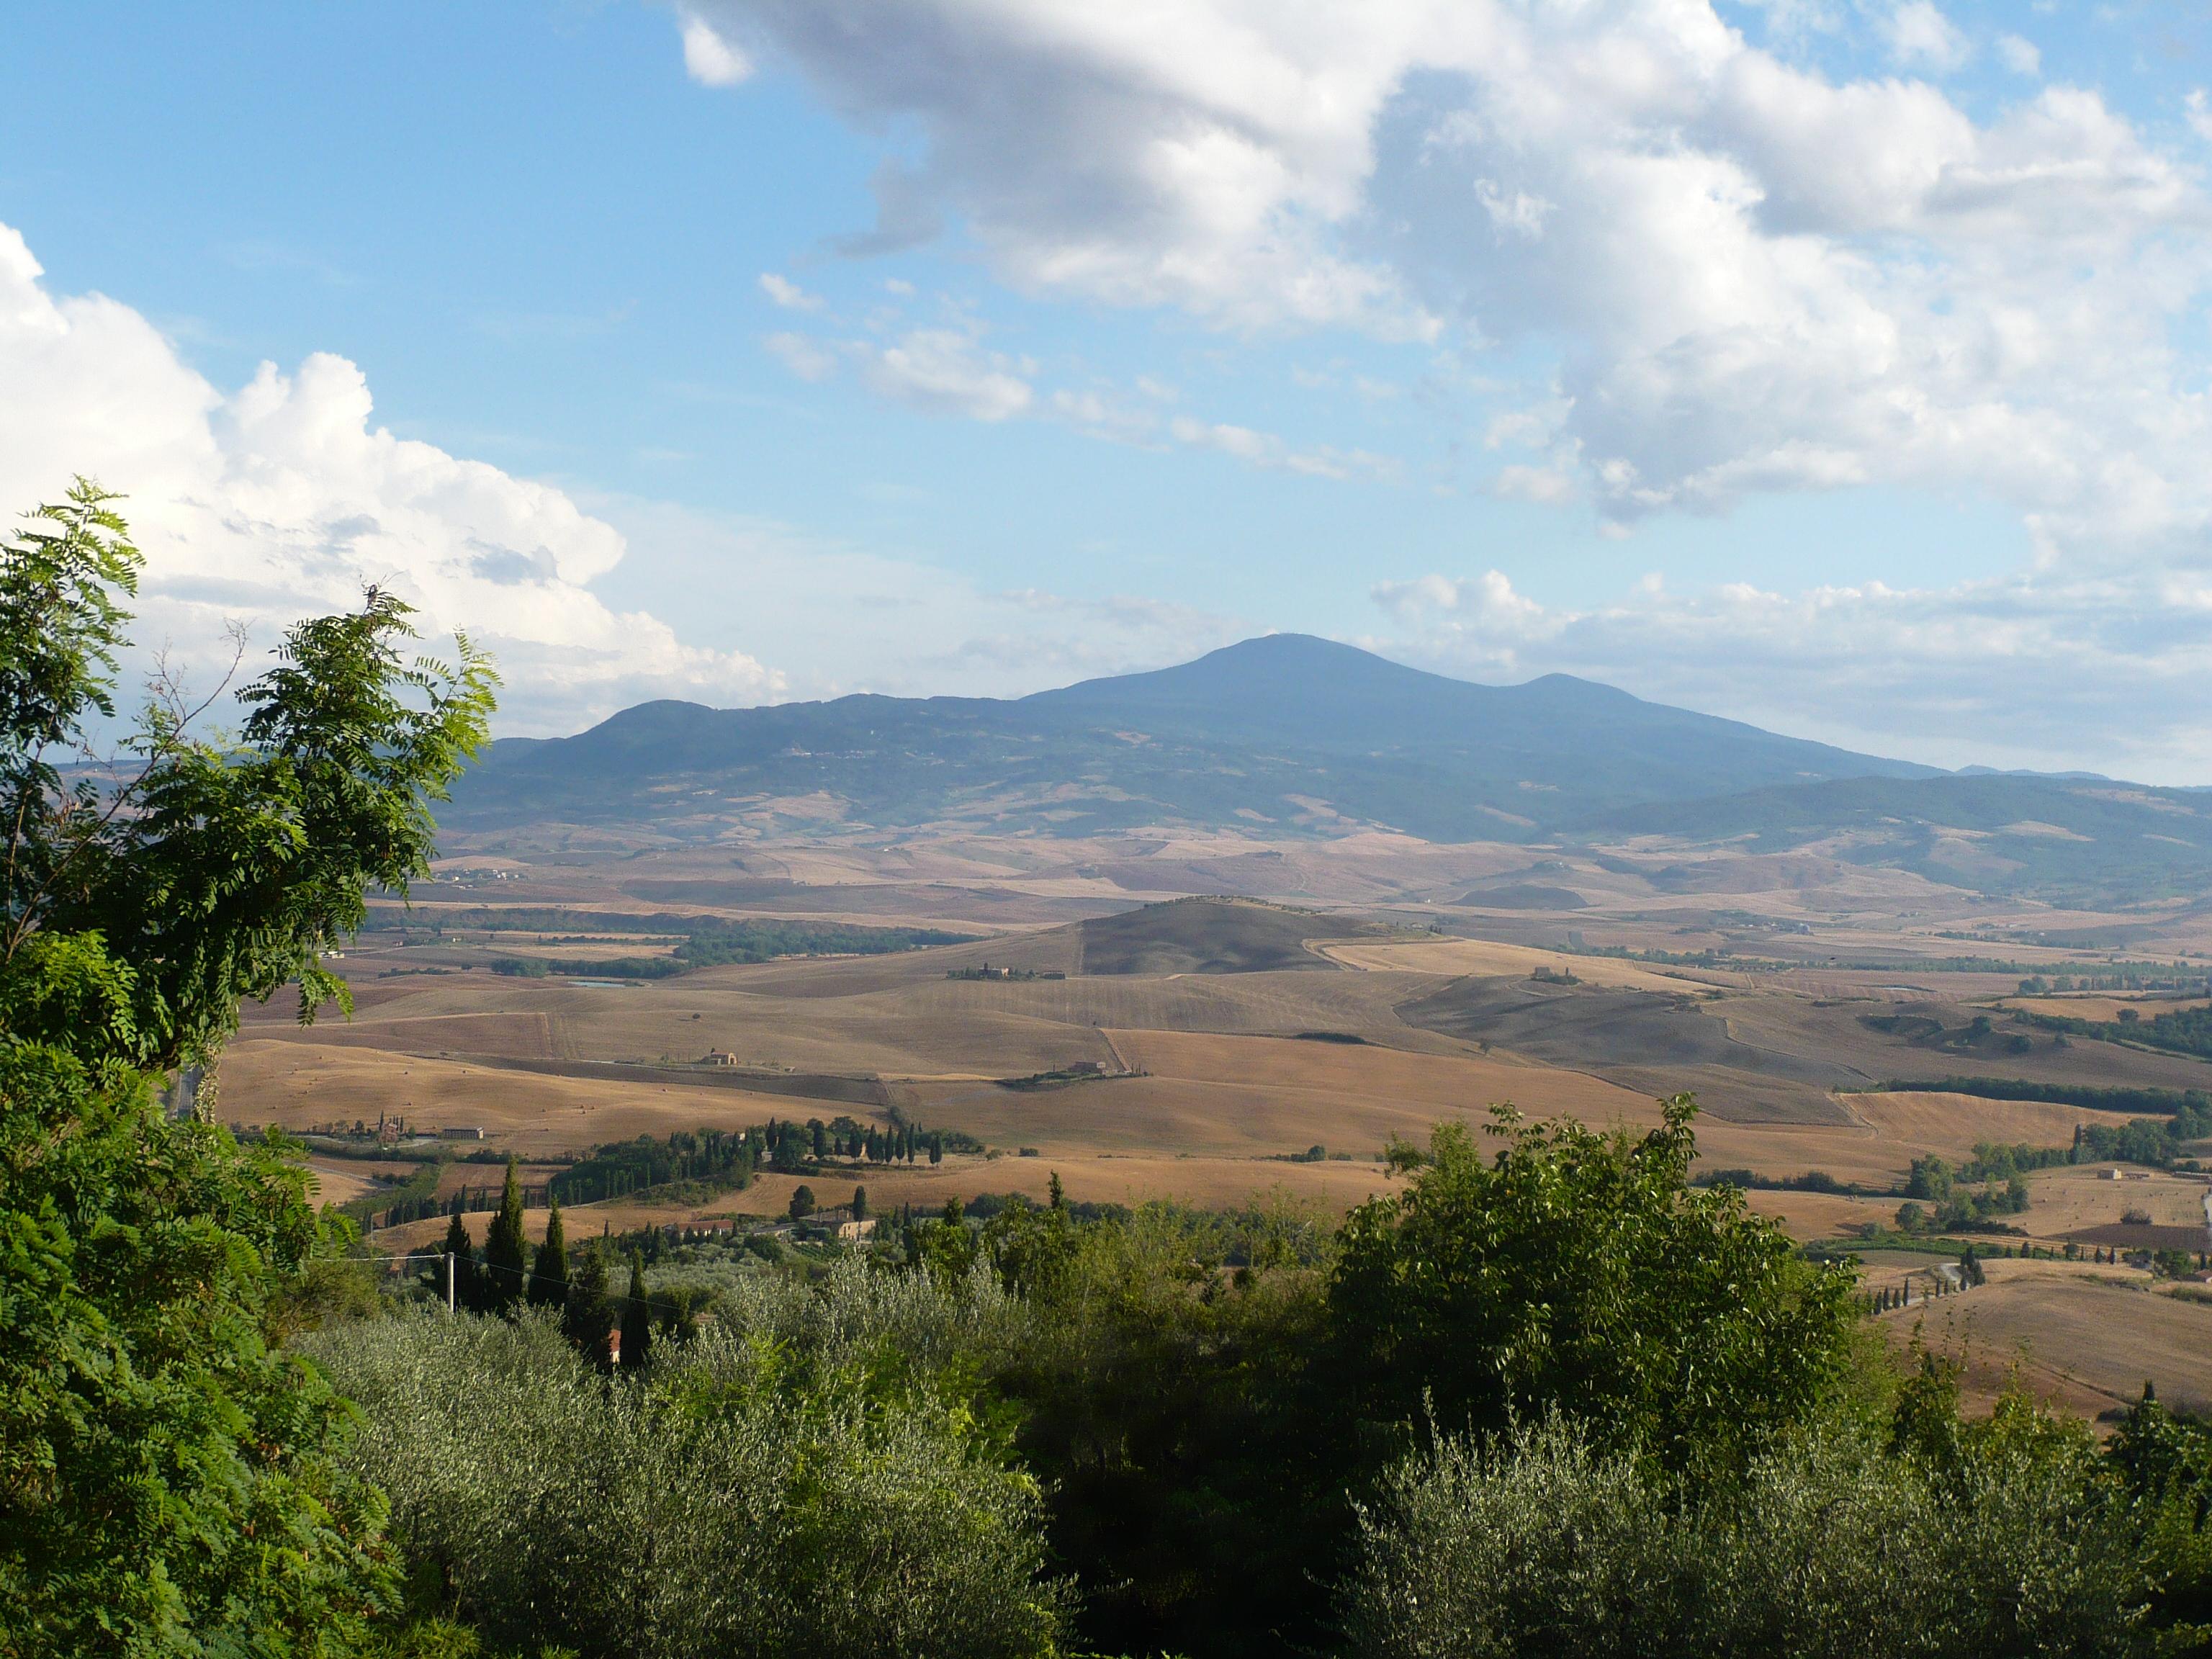 monte-amiata-veduta-panoramica